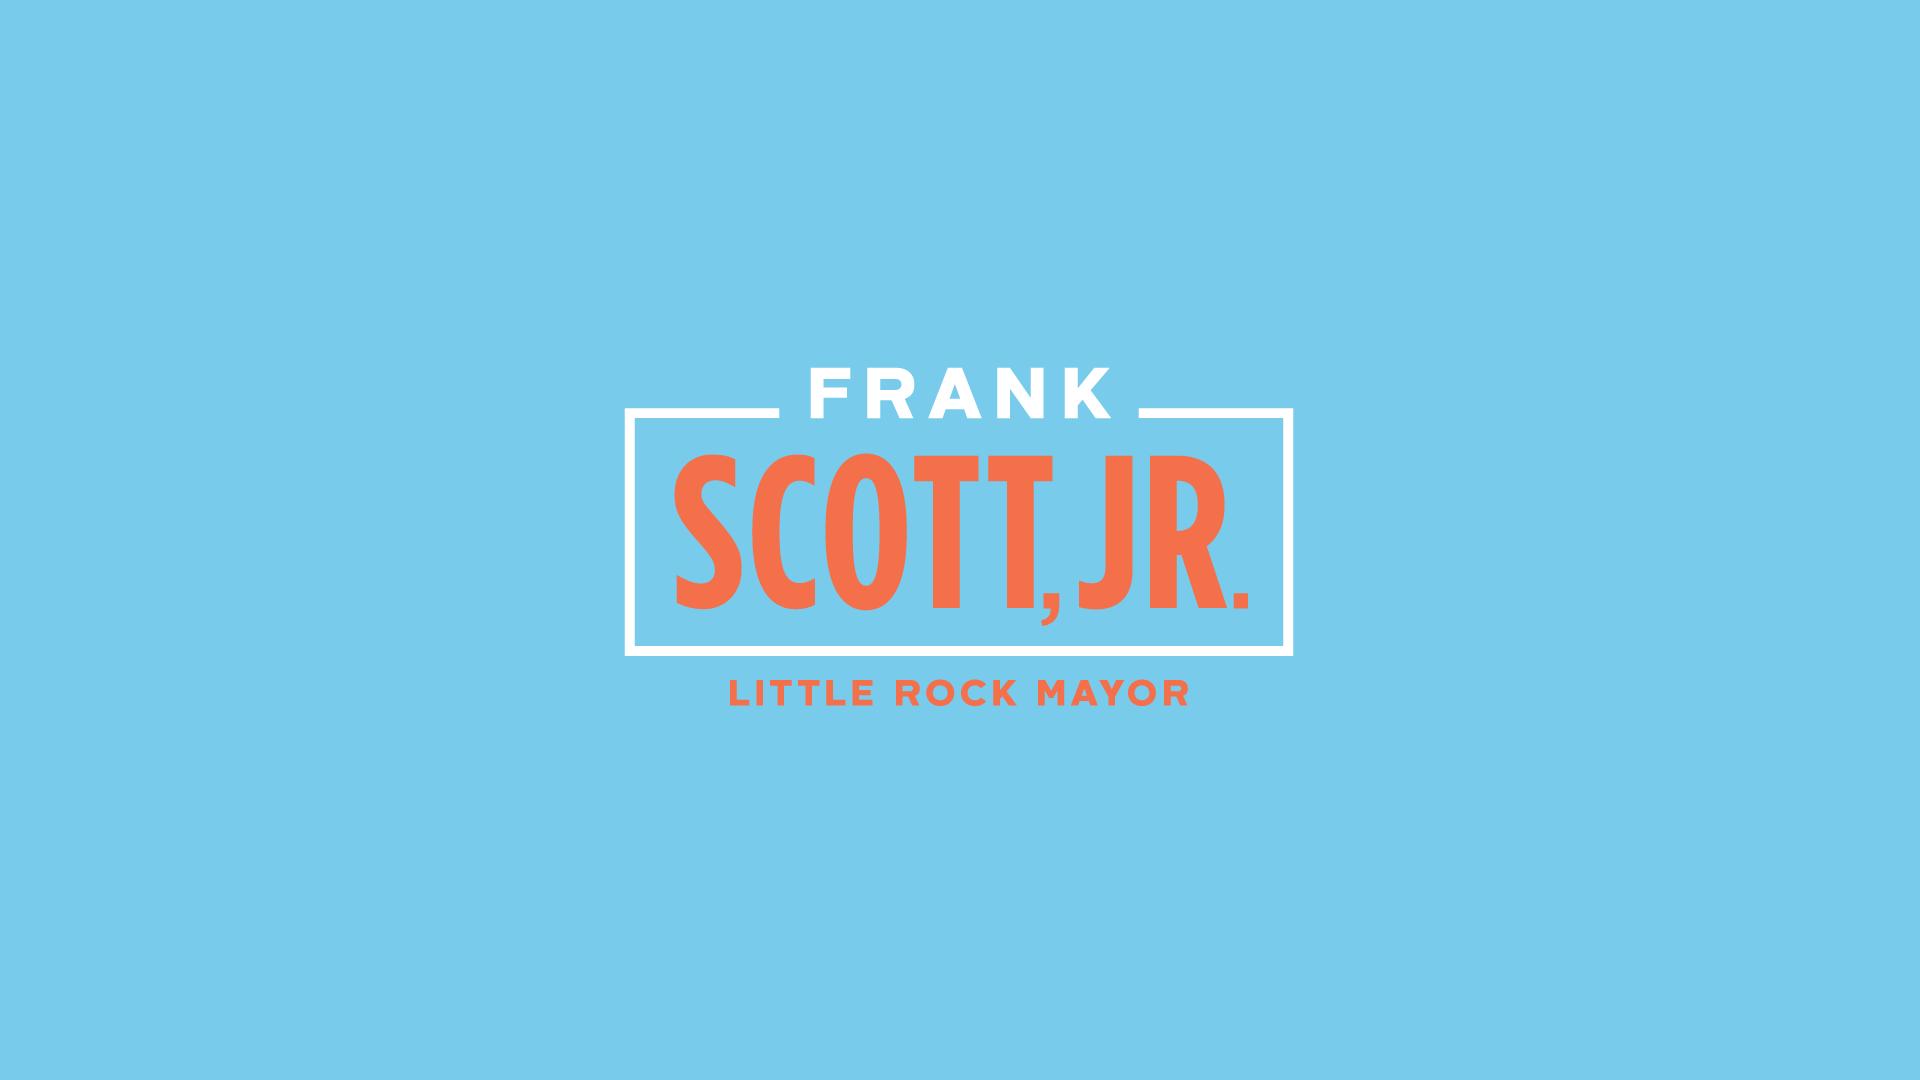 Frank Scott, Jr.png